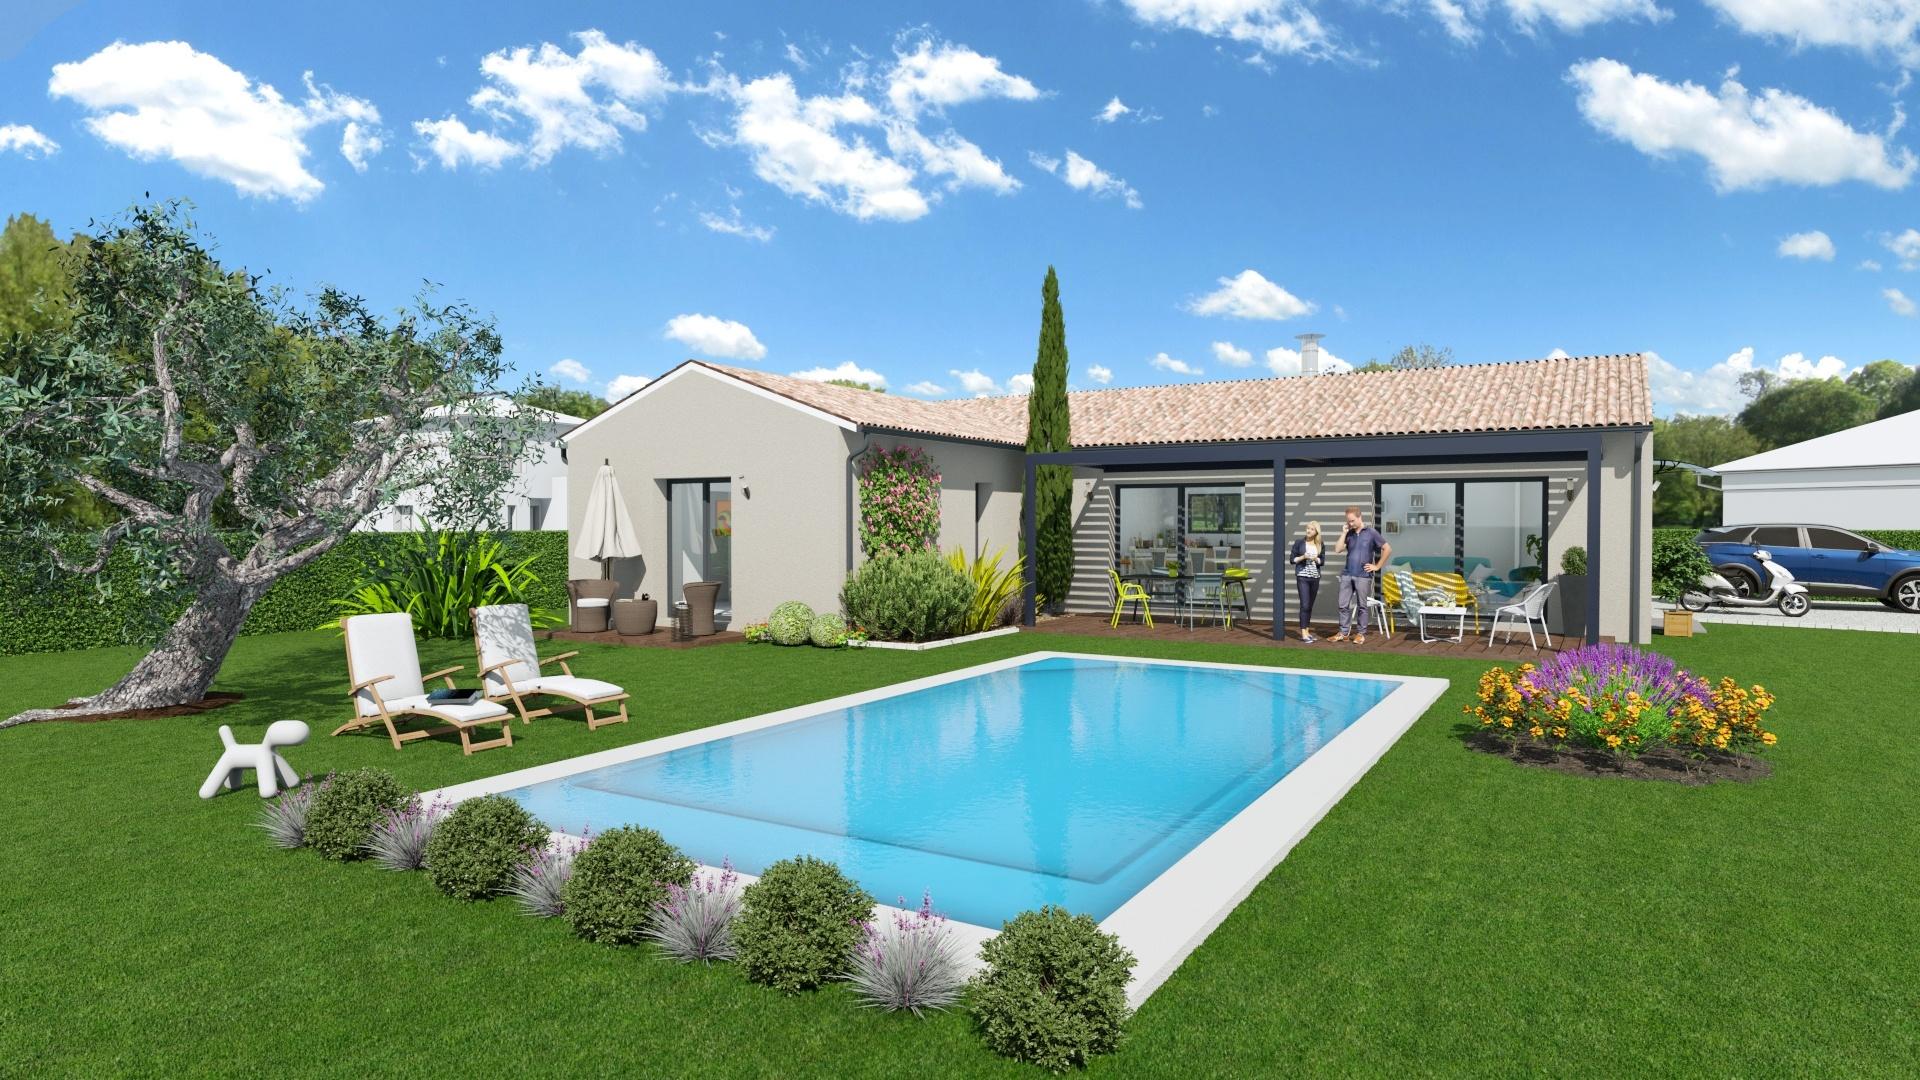 Maisons + Terrains du constructeur Maison Familiale Toulouse • 112 m² • GRENADE